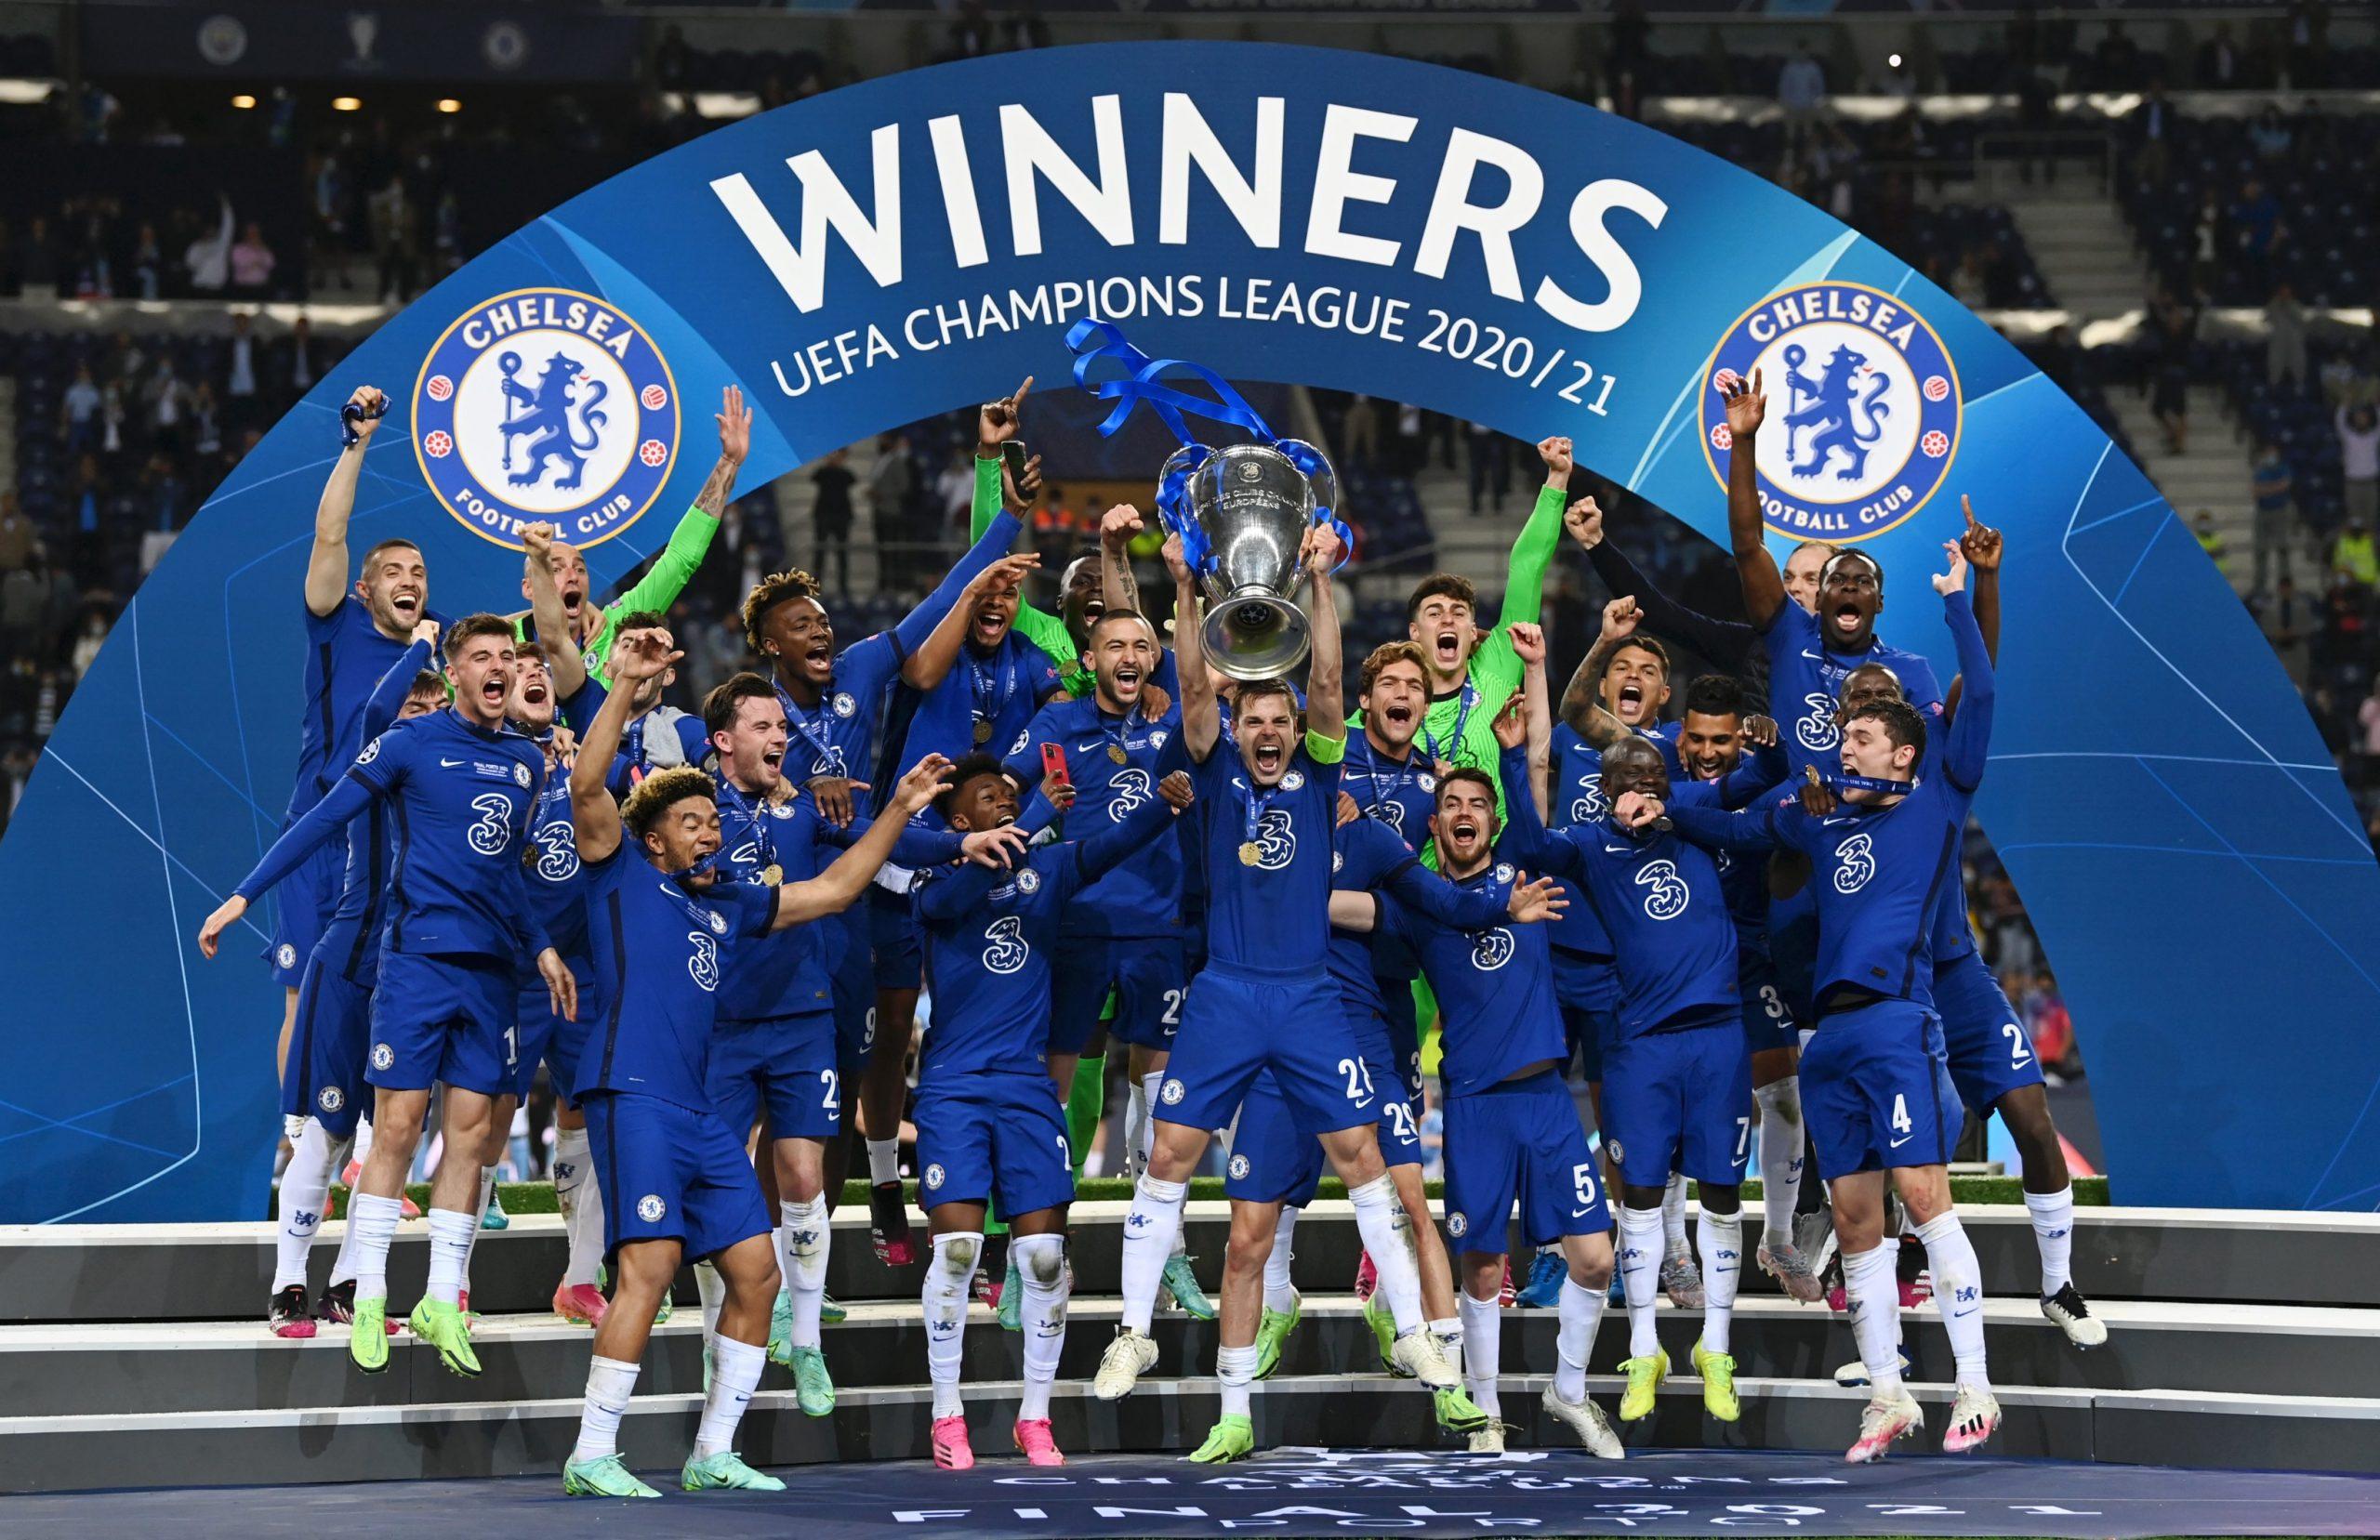 Chelsea - vainqueur de la Ligue des champions